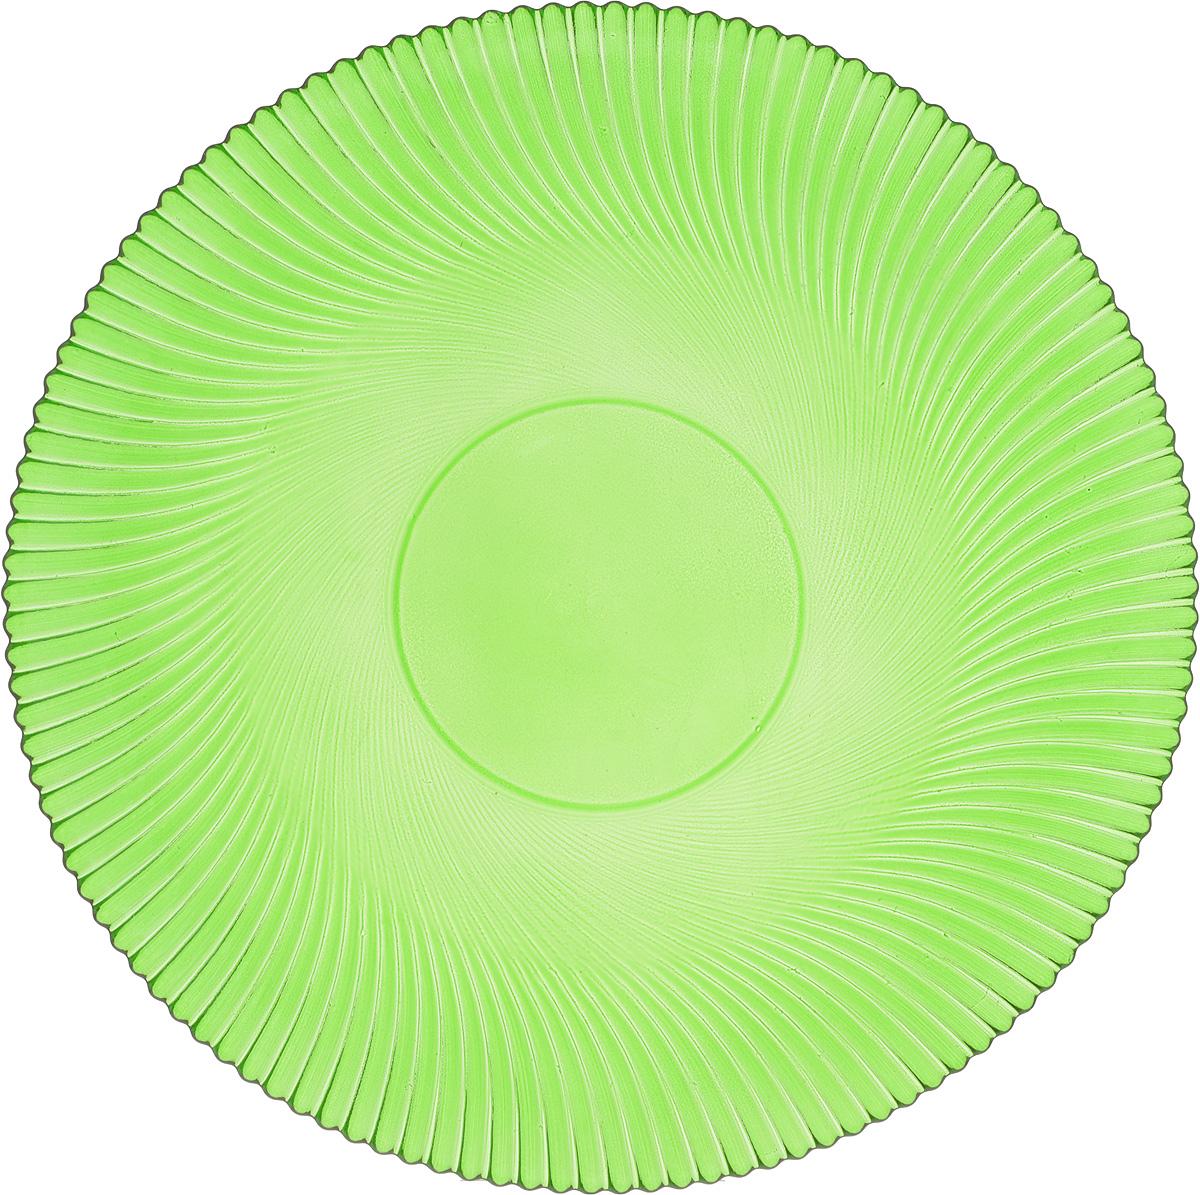 Тарелка NiNaGlass Альтера, цвет: зеленый, диаметр 26 см83-067-ф260 ЗЕЛТарелка NiNaGlass Альтера выполнена из высококачественного стекла и оформлена красивым рельефным узором. Тарелка идеальна для подачи вторых блюд, а также сервировки закусок, нарезок, десертов и многого другого. Она отлично подойдет как для повседневных, так и для торжественных случаев.Такая тарелка прекрасно впишется в интерьер вашей кухни и станет достойным дополнением к кухонному инвентарю.